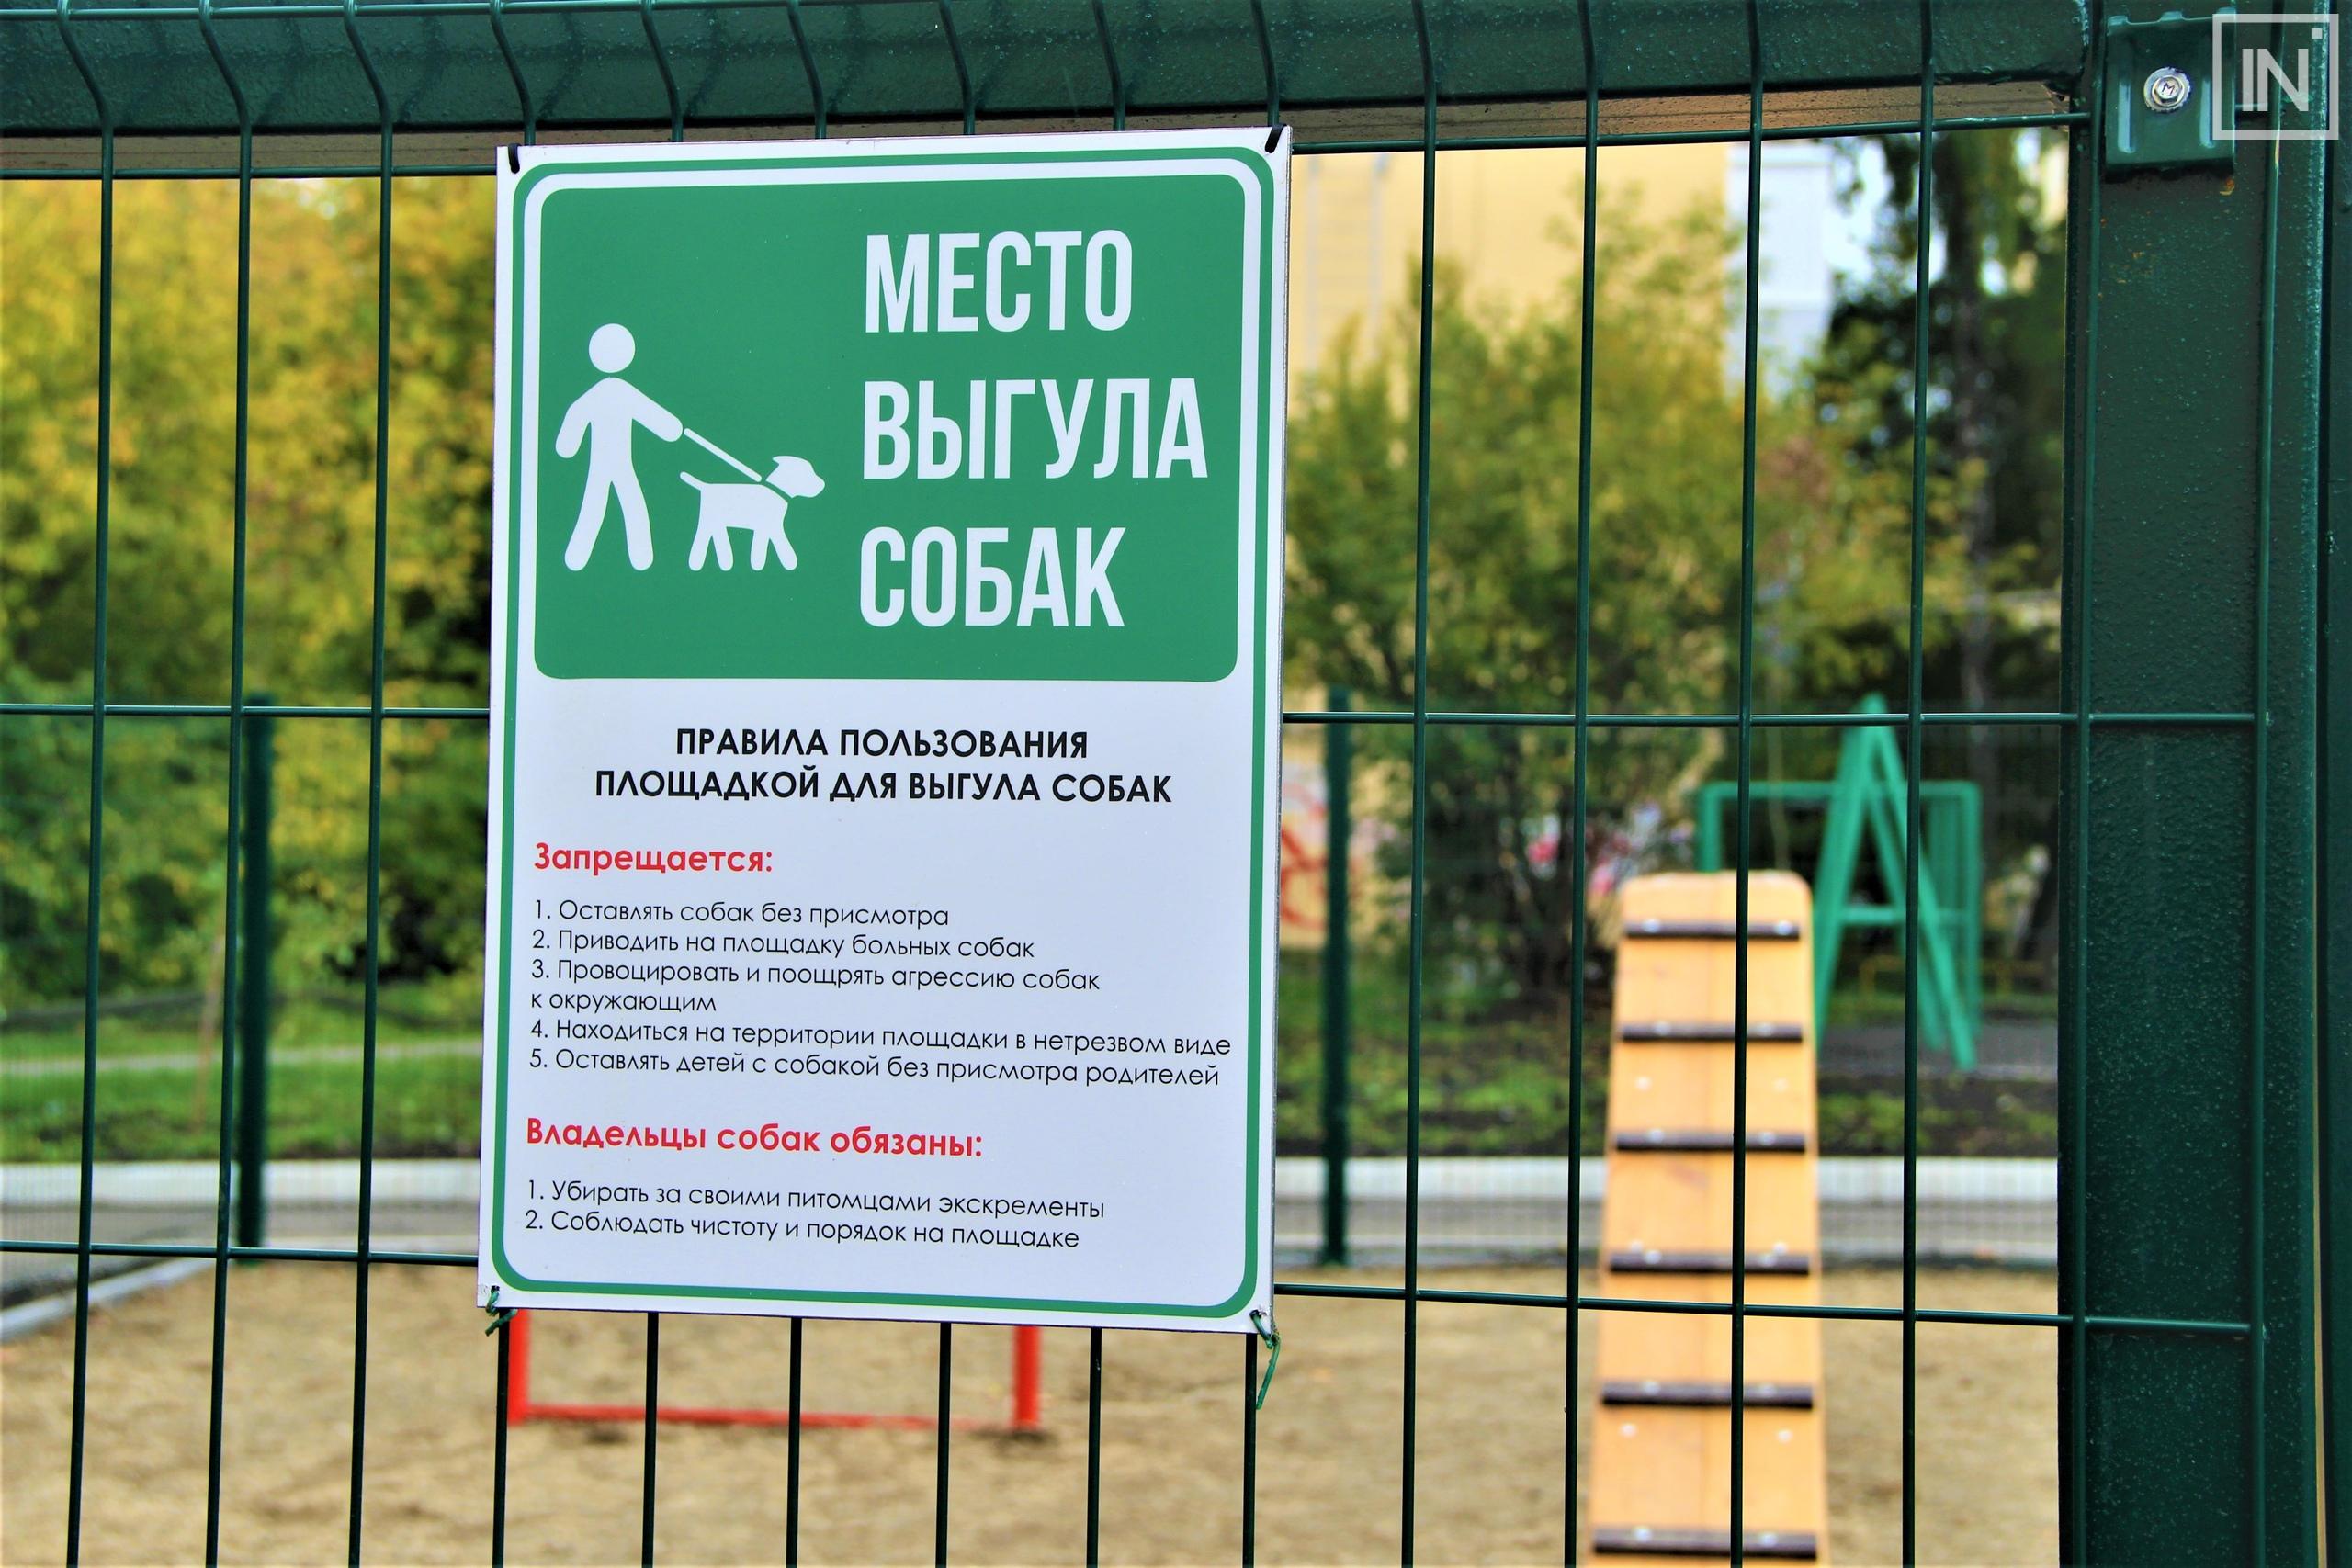 Площадка для выгула для собак: нормы и правила